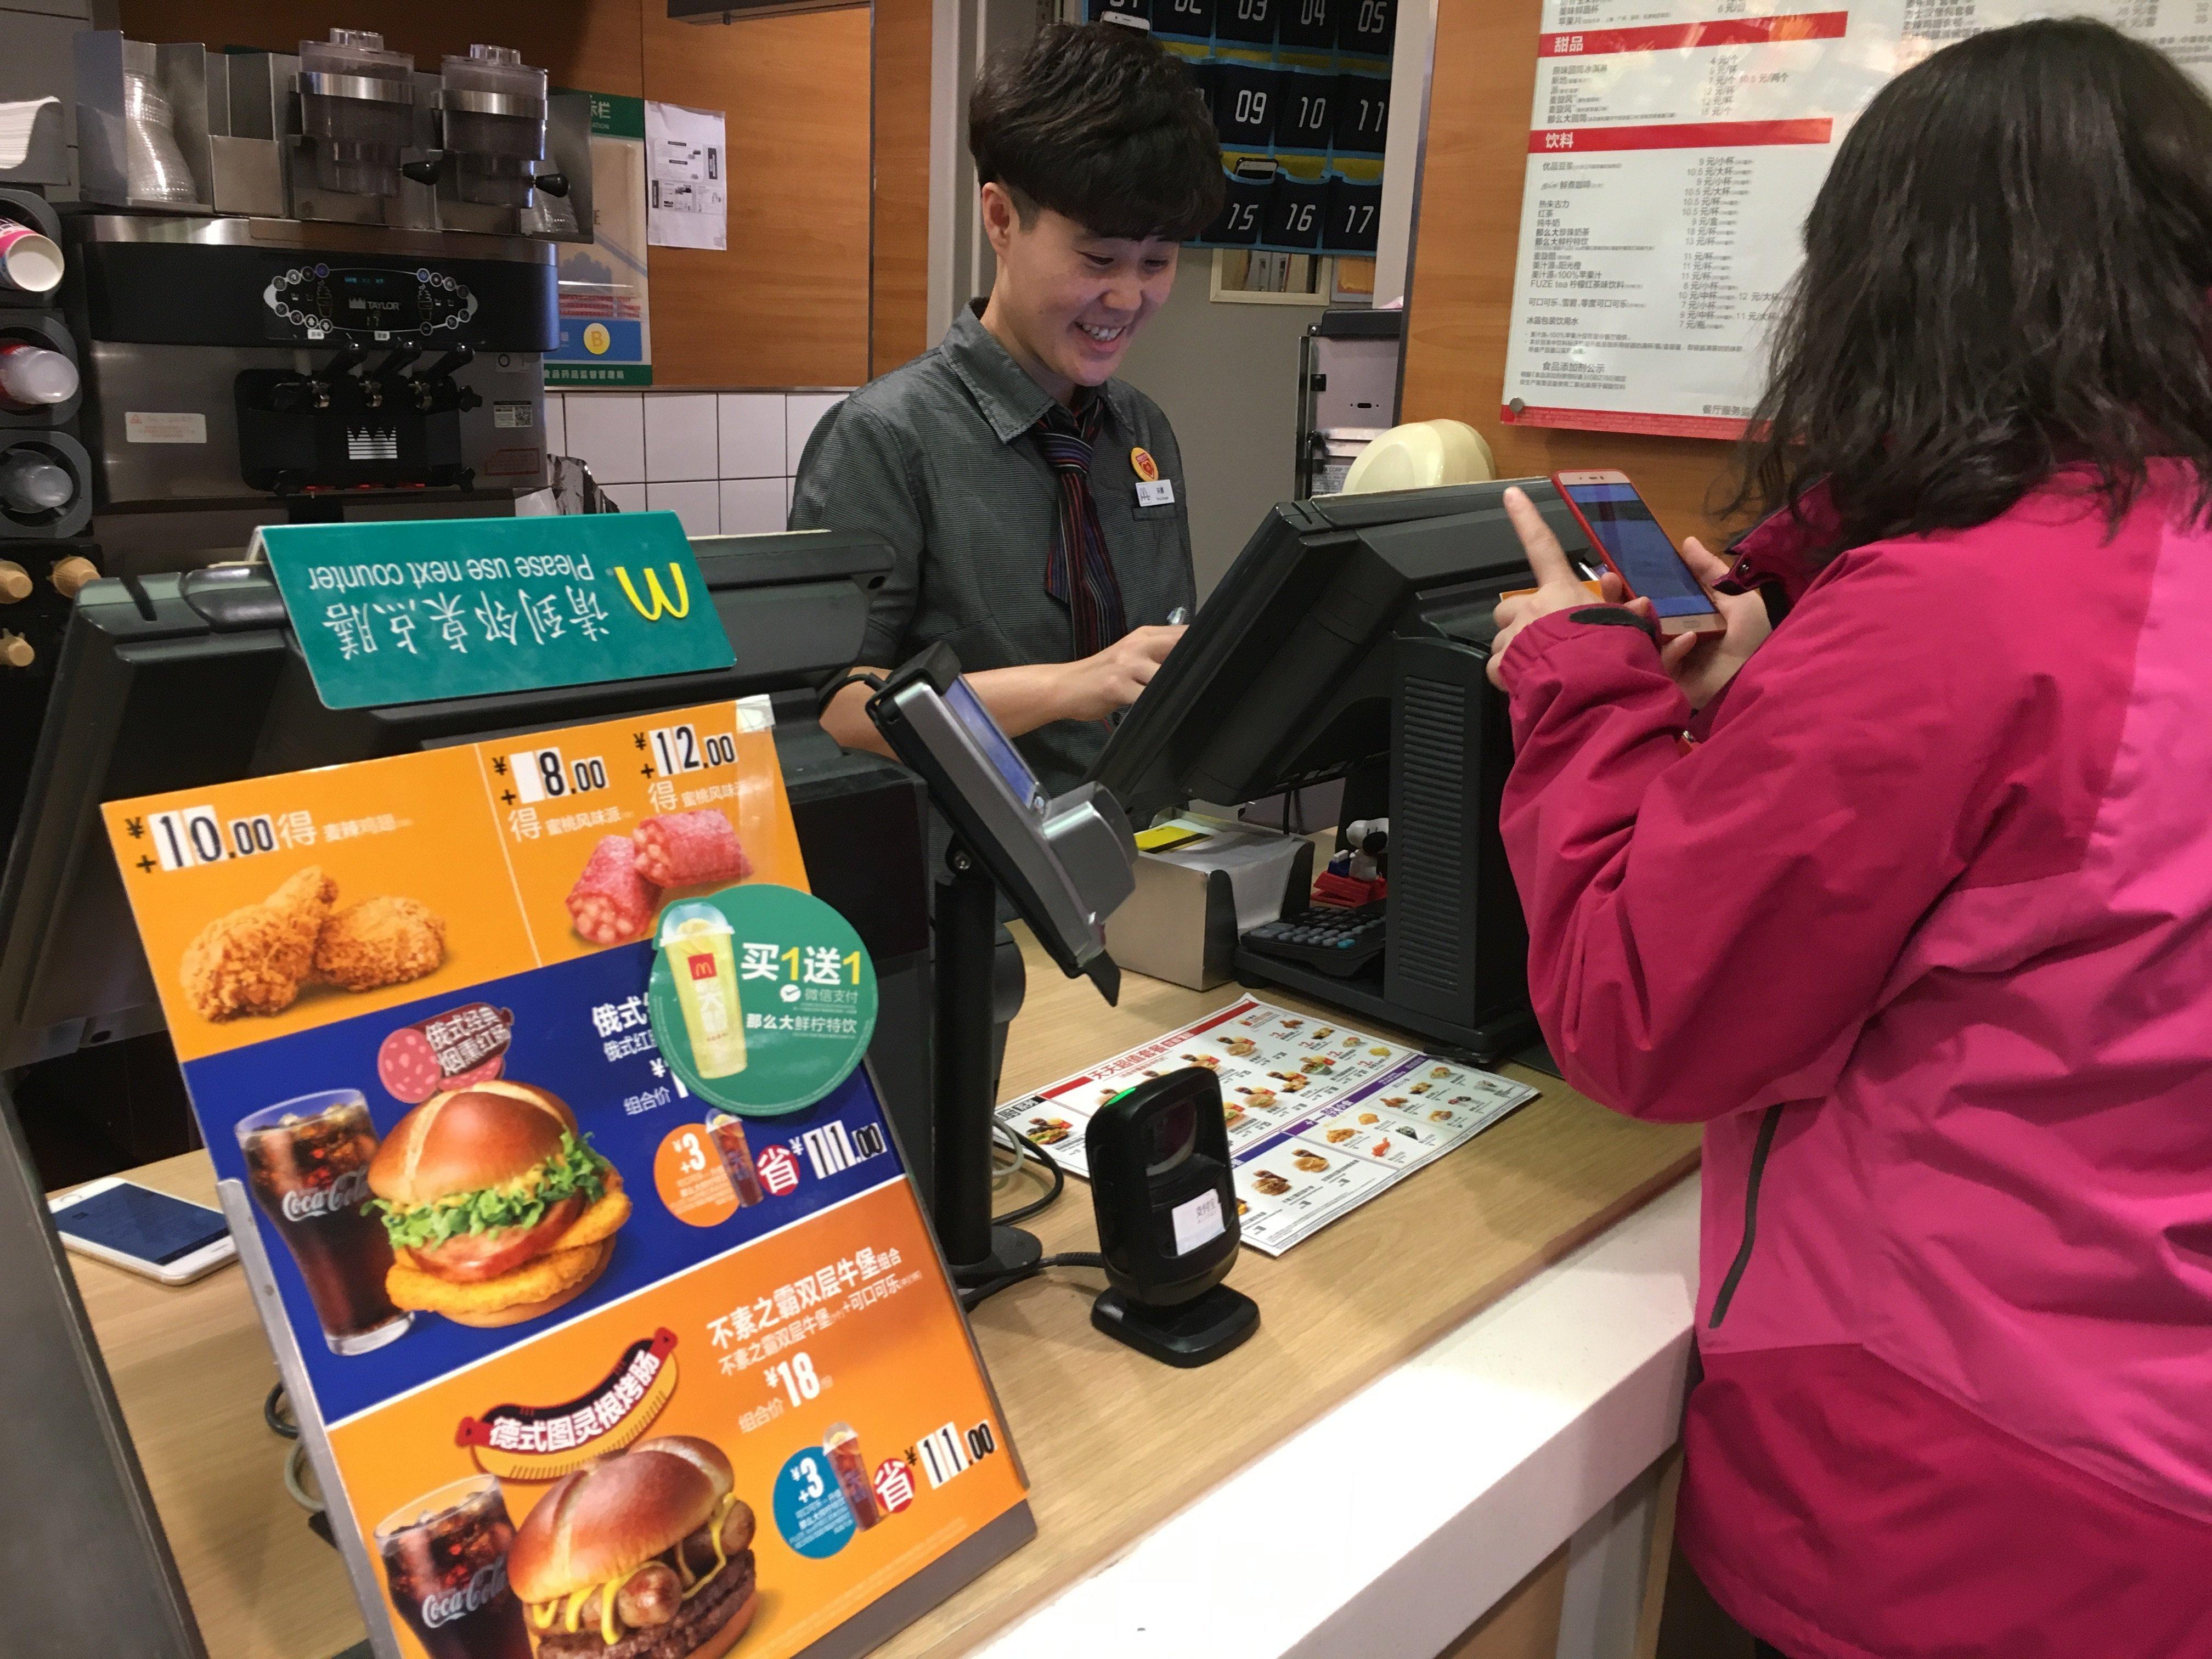 Pourquoi les Chinois apprécient-ils tant le burger «à la russe» de McDonald's?